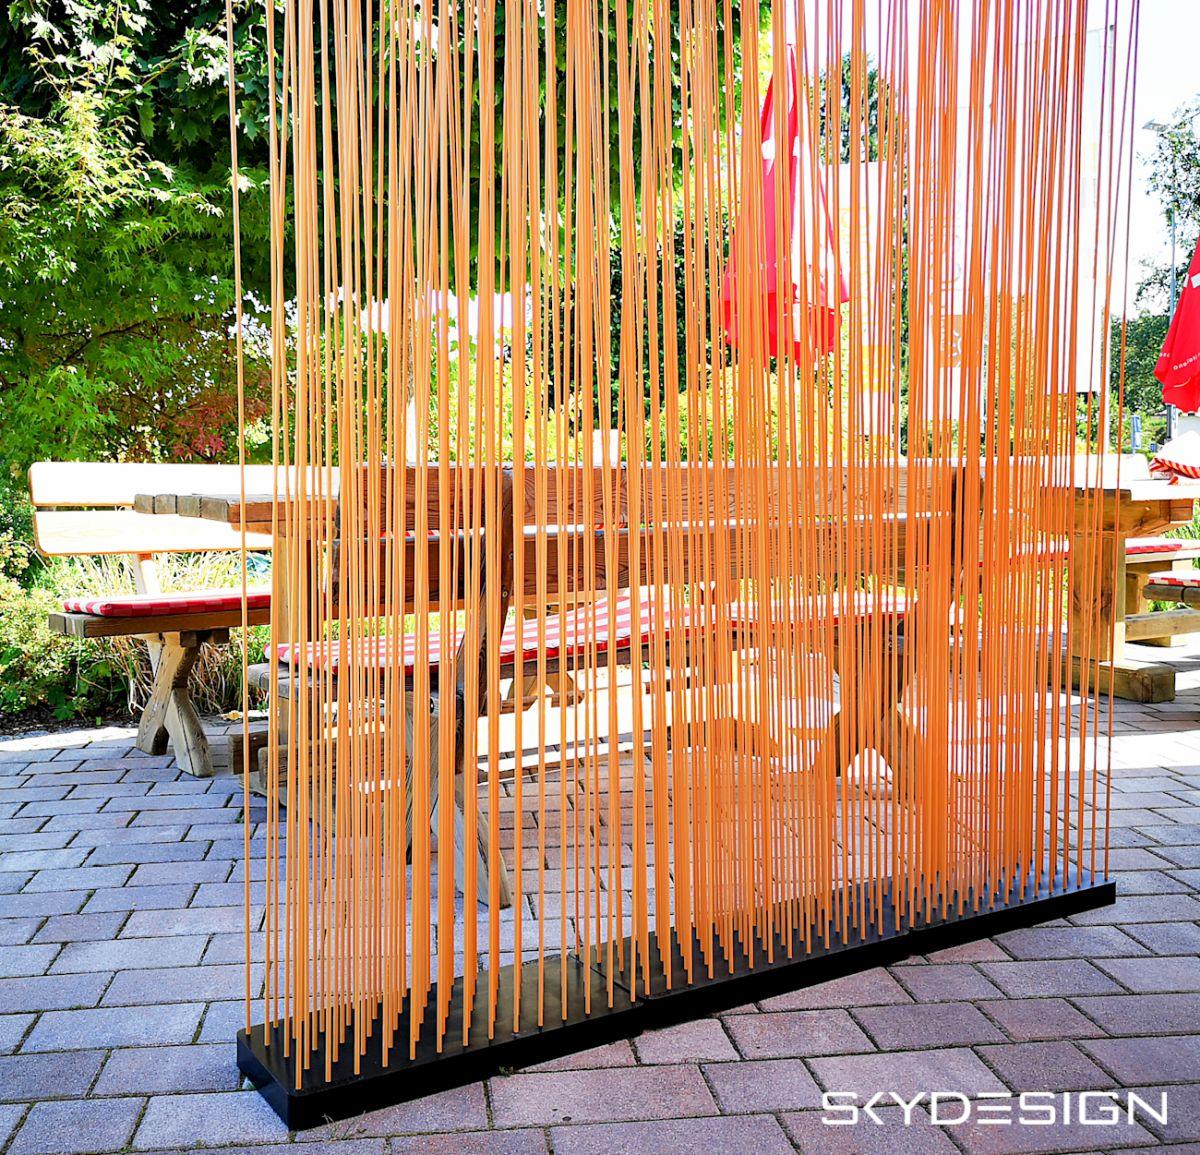 Gartengestaltung Der Skydesign Sichtschutz Garten Fur Anspruchsvolle